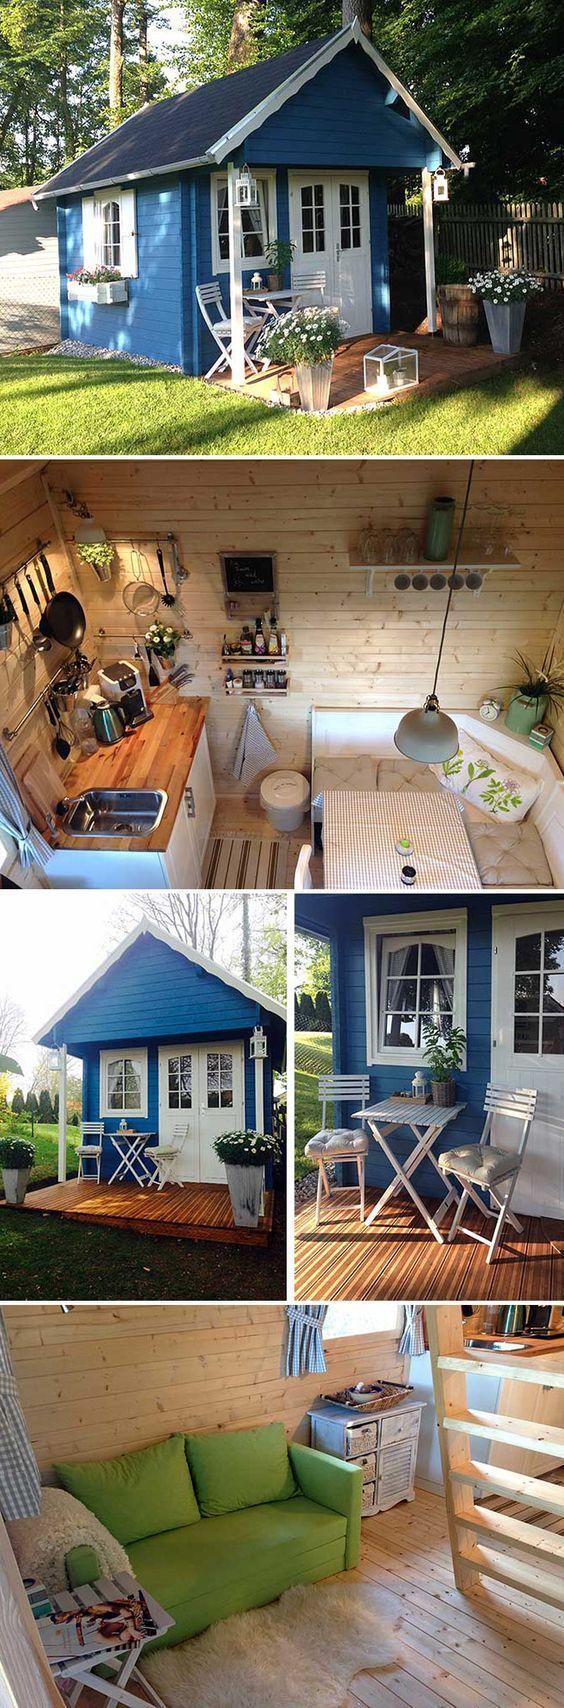 Gartenhaus Bunkie-40: Gelungener Aufbau und Einrichtung #decorationequipment